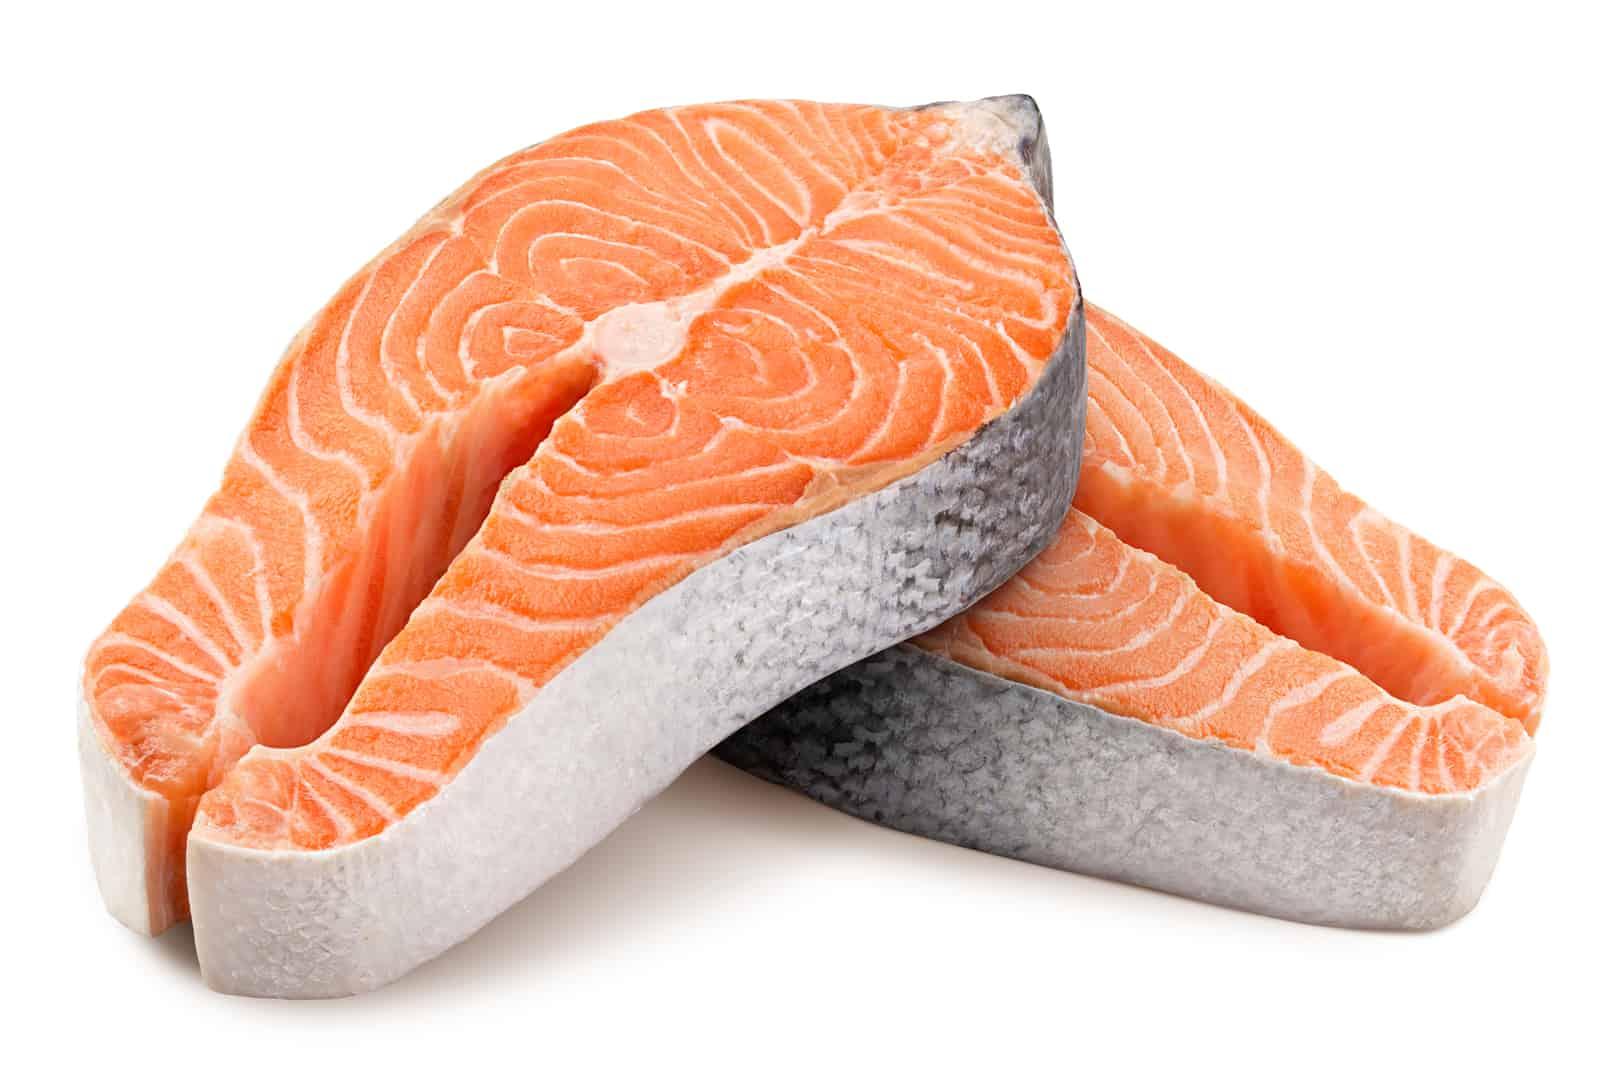 Scheibe frischer roher Fisch